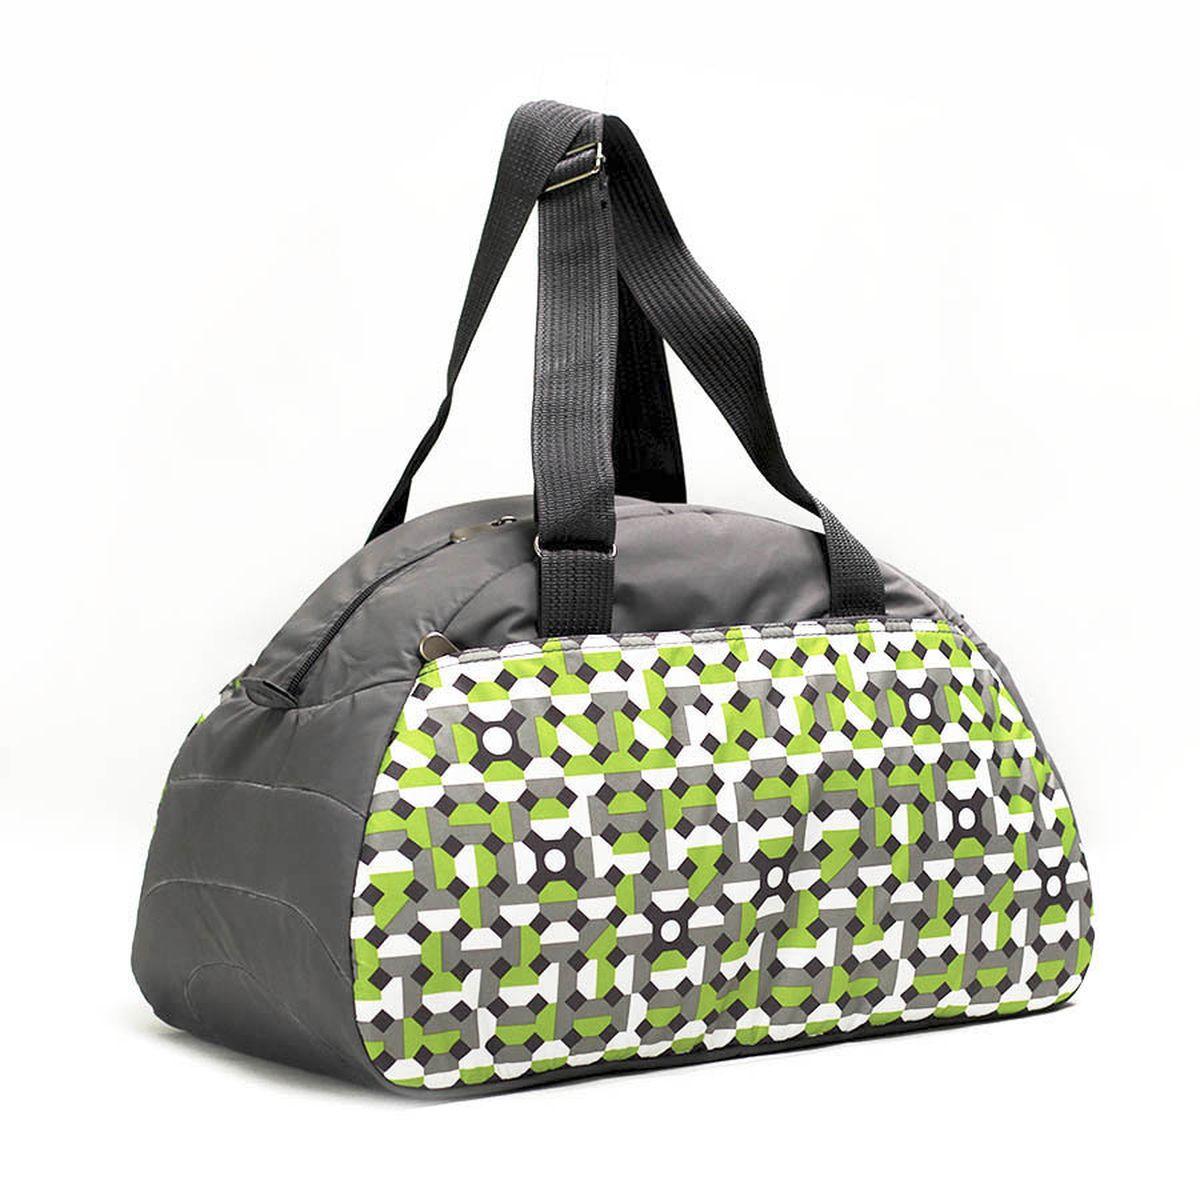 Сумка спортивная  Polar , цвет: серый, зеленый, 28 л. 6020 - Дорожные сумки